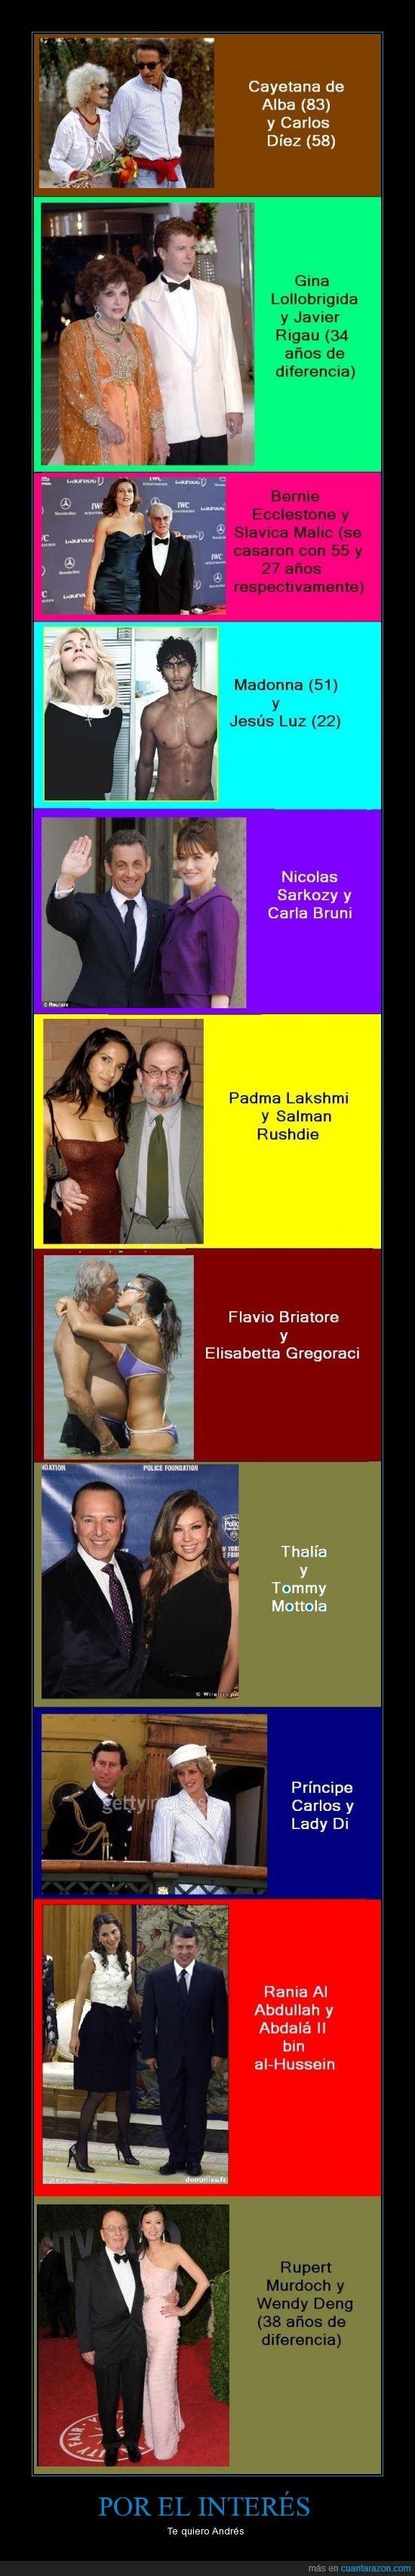 briatore,carlos,casados,cayetana,dinero,famosos,interés,madonna,principe,thalia